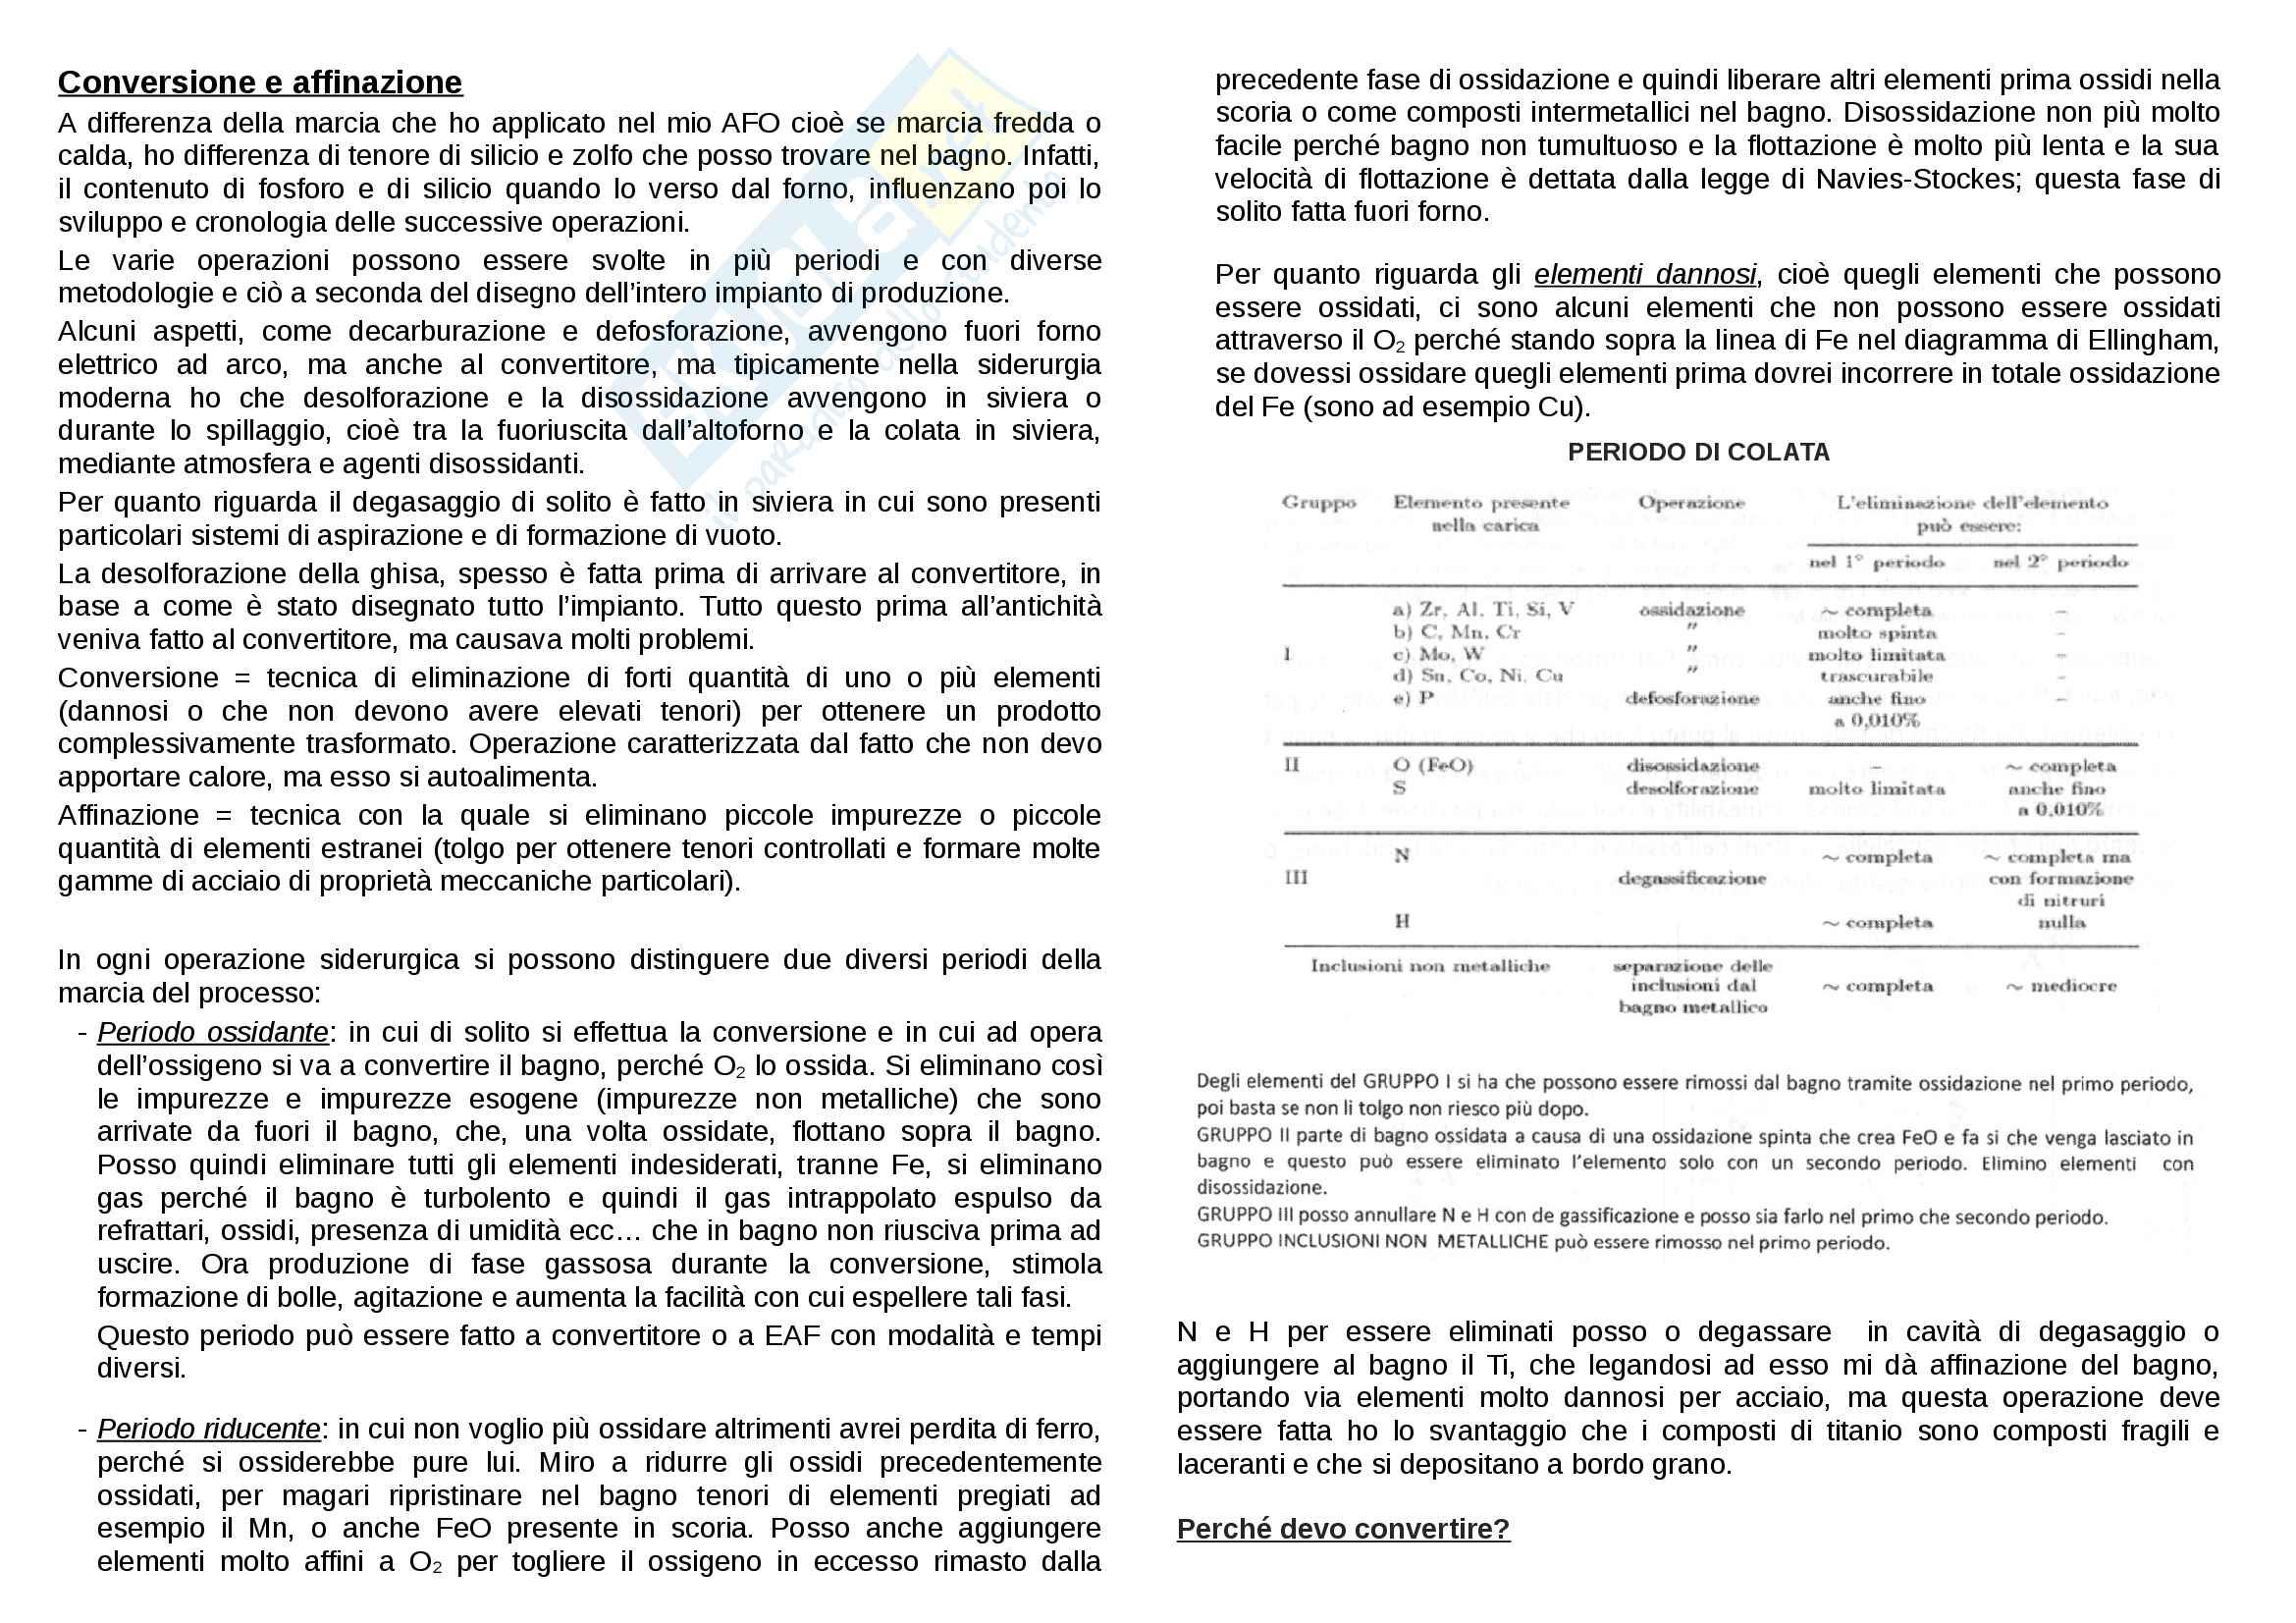 Appunti Siderurgia: processo di conversione e decarburazione